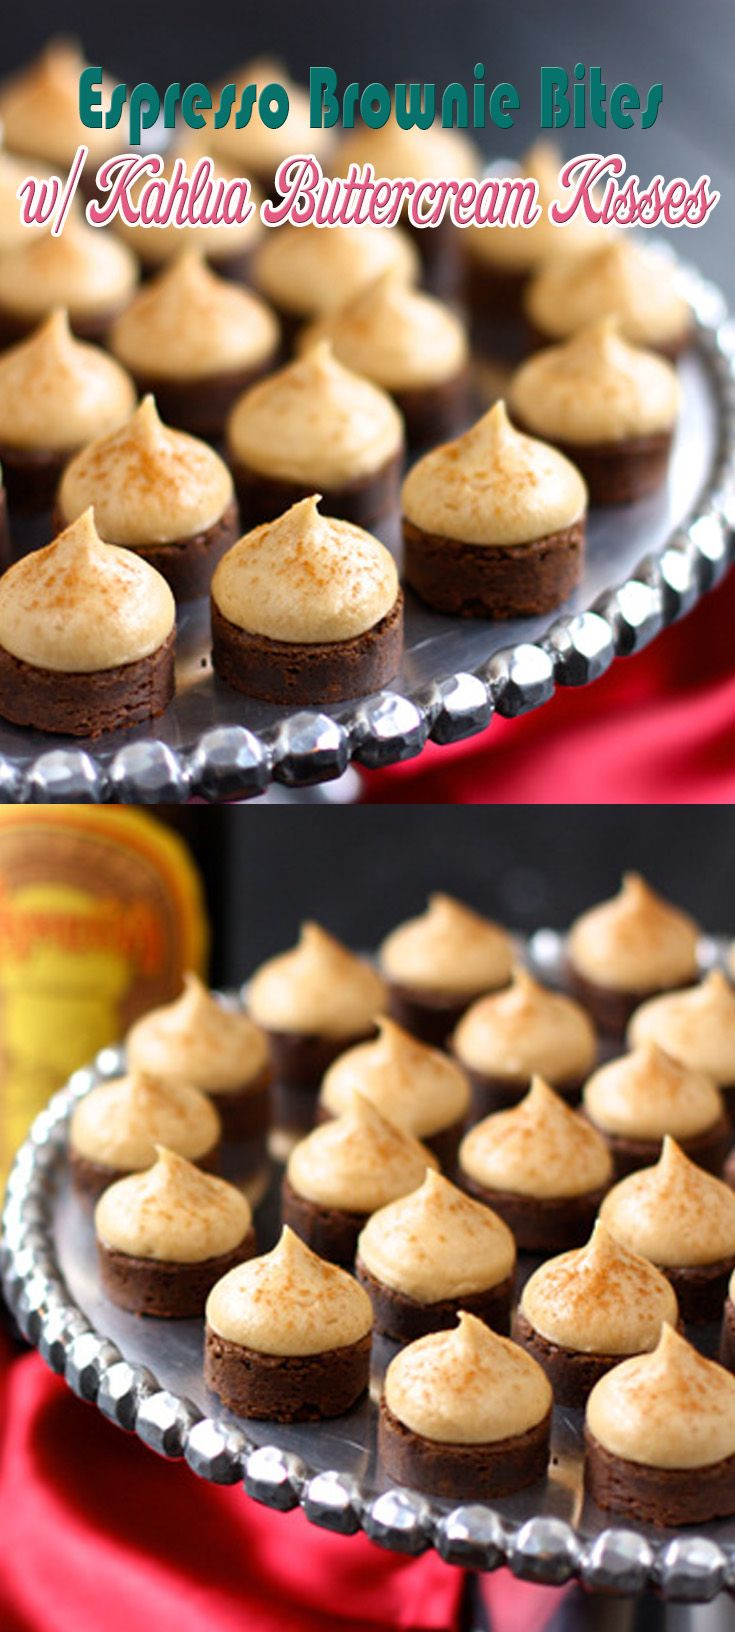 die besten 25 finger desserts ideen auf pinterest fingerfood desserts fingerfood weihnachten. Black Bedroom Furniture Sets. Home Design Ideas